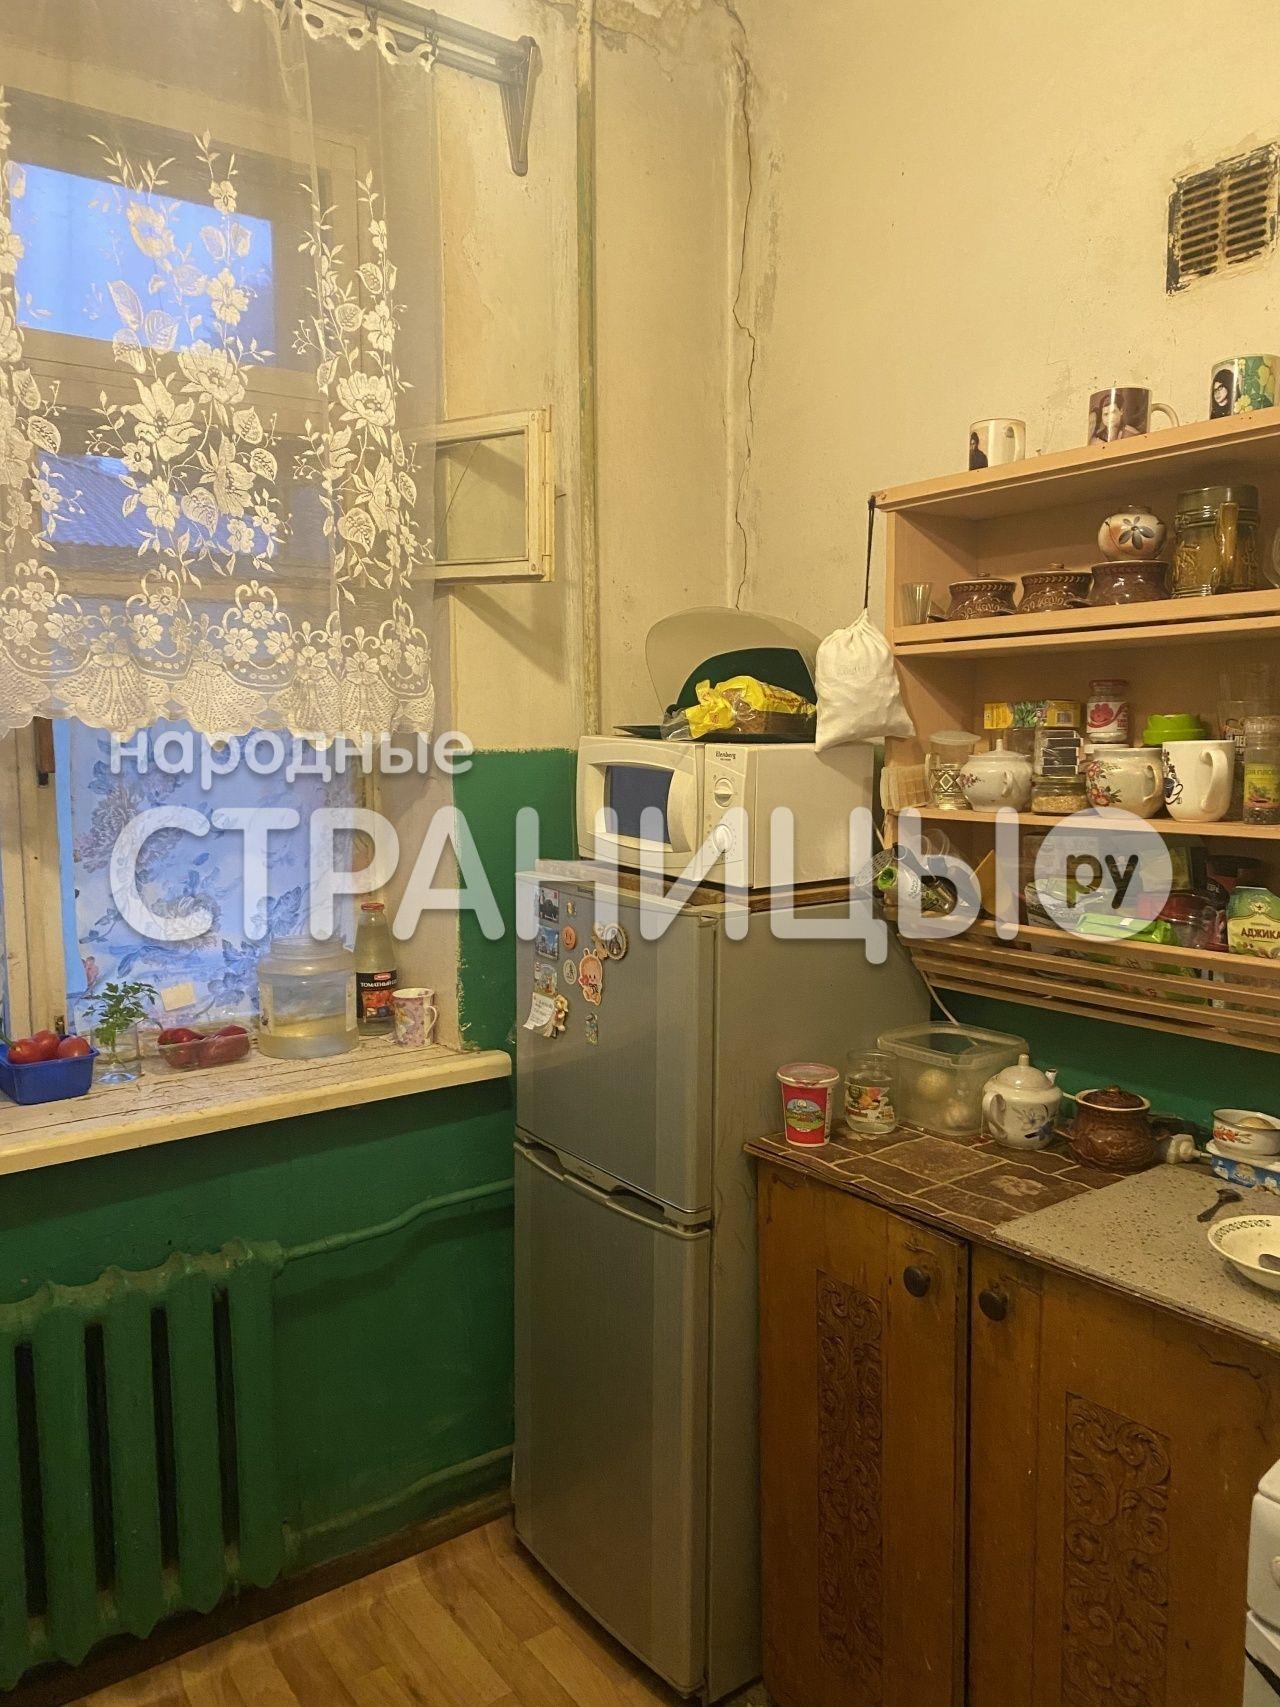 2-комнатная квартира, 50.2 м²,  2/2 эт. Кирпичный дом, Вторичное жилье